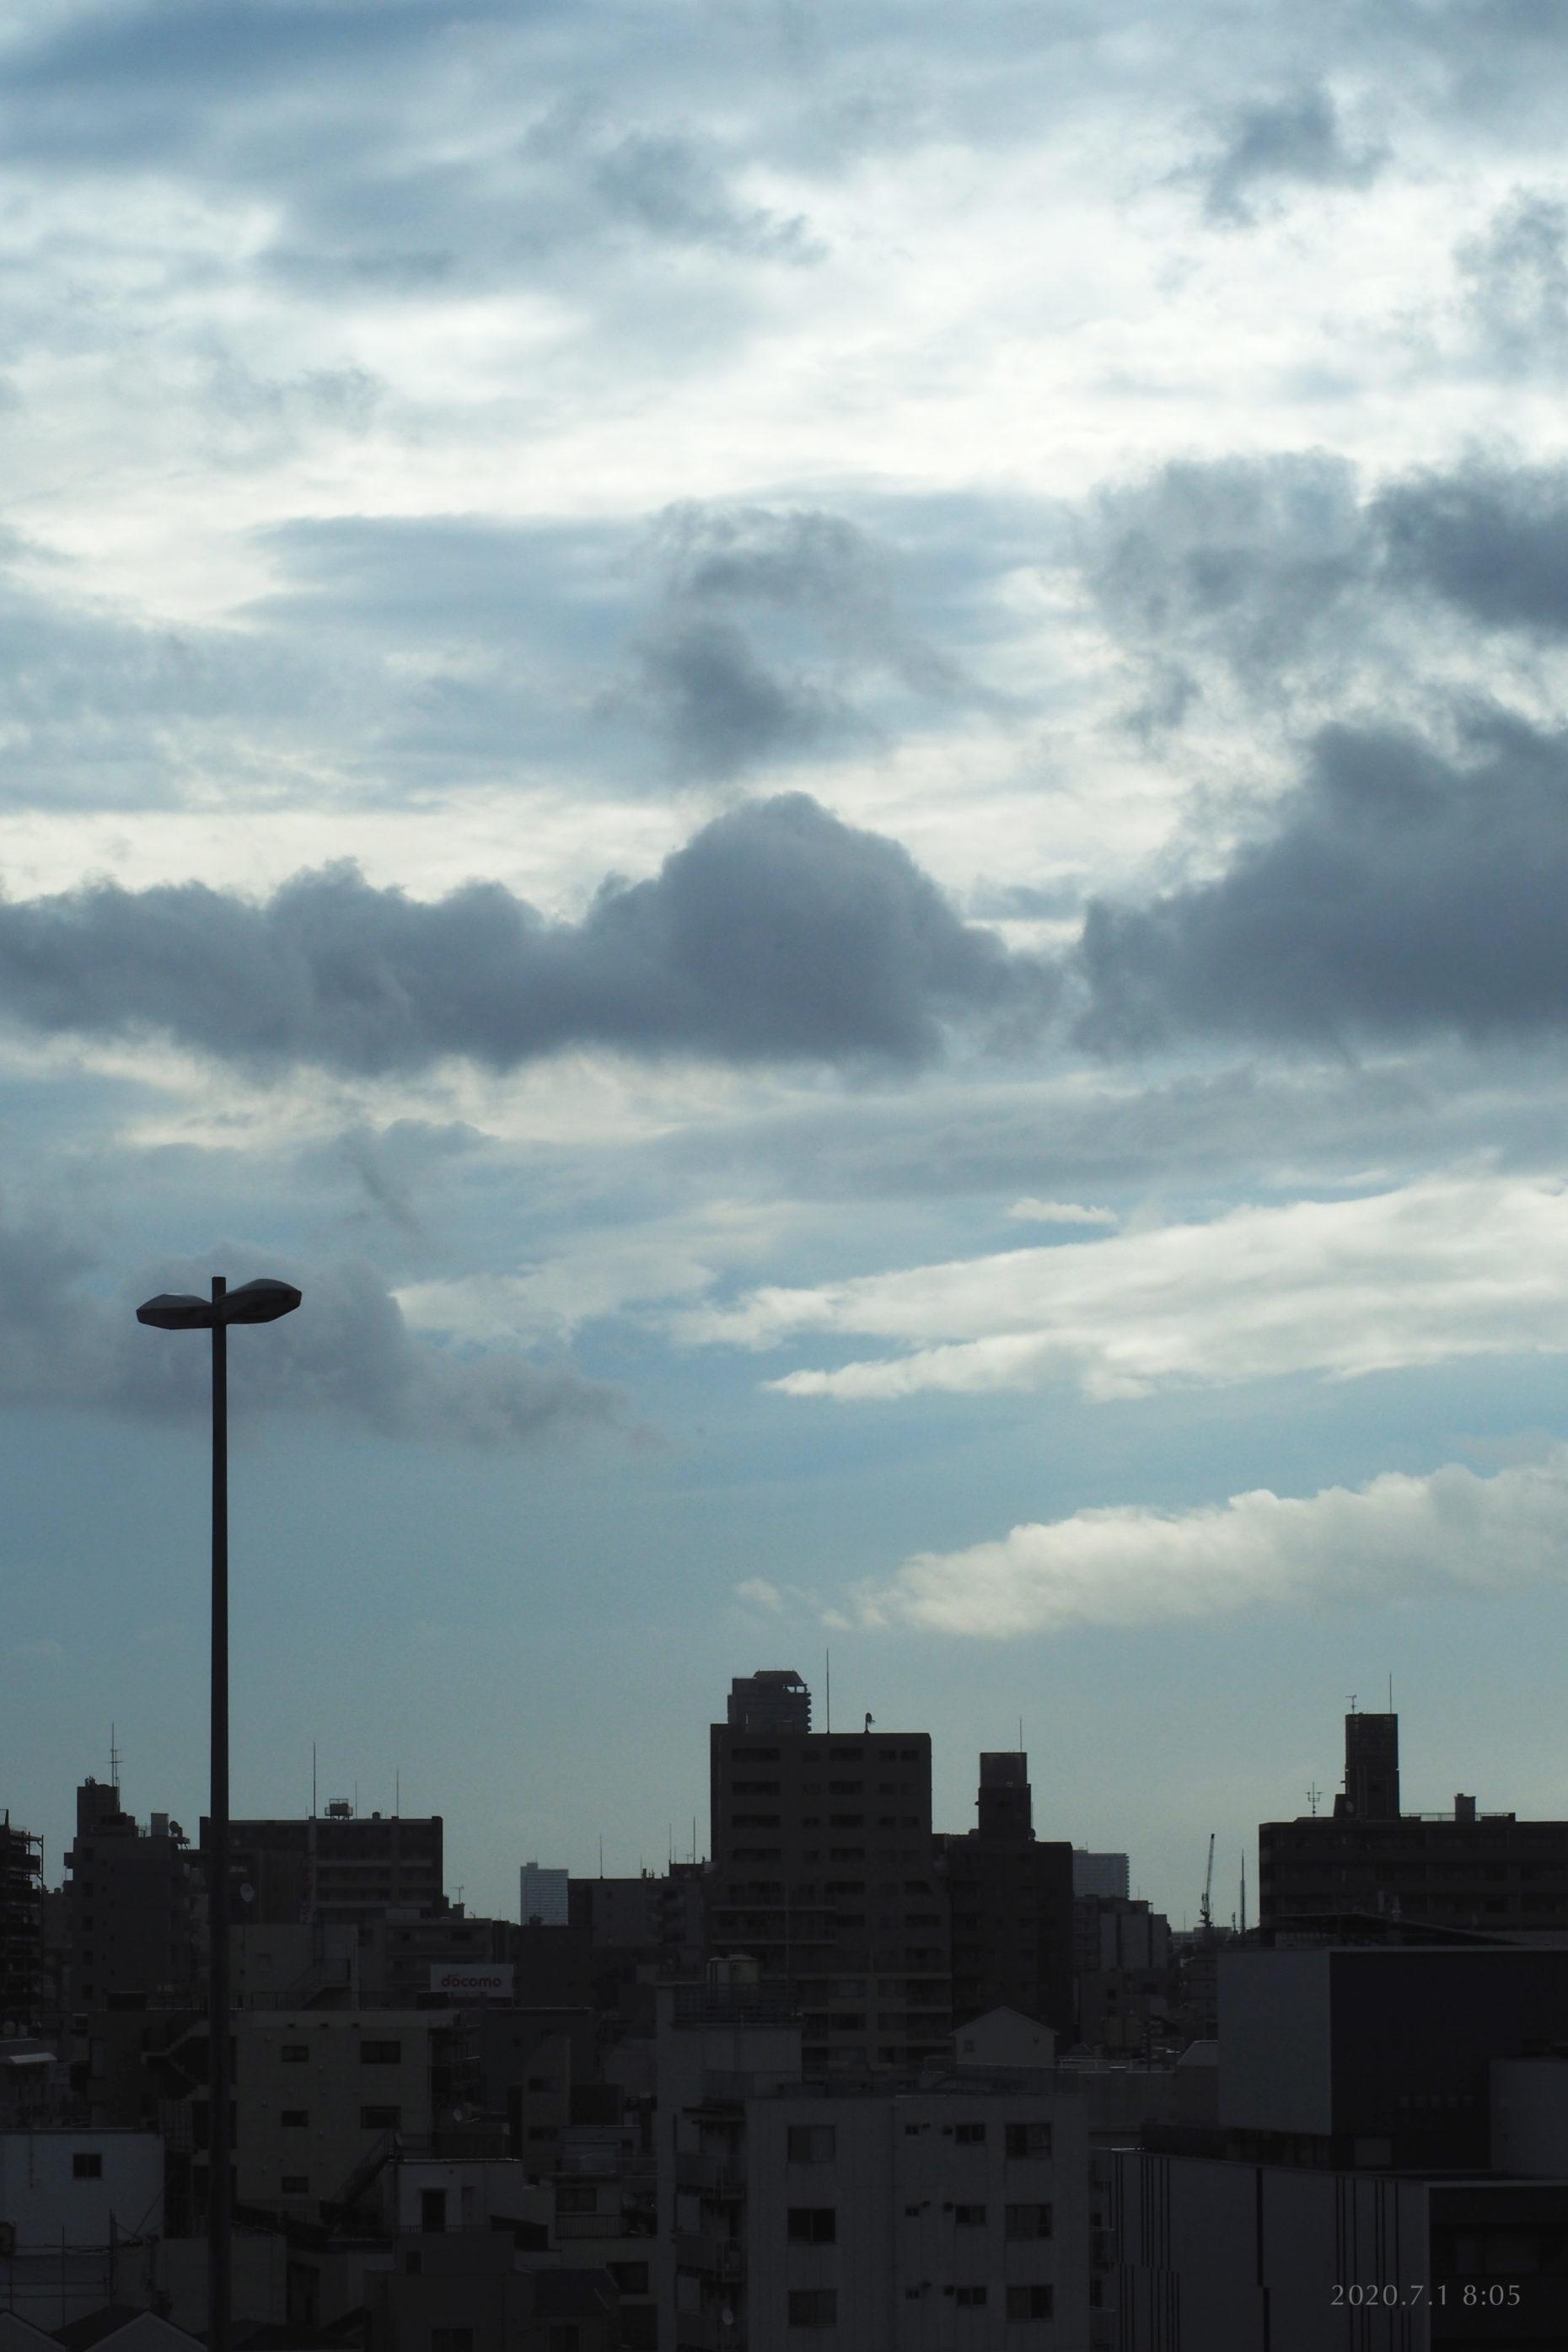 My skies 2020.7.1 8:05